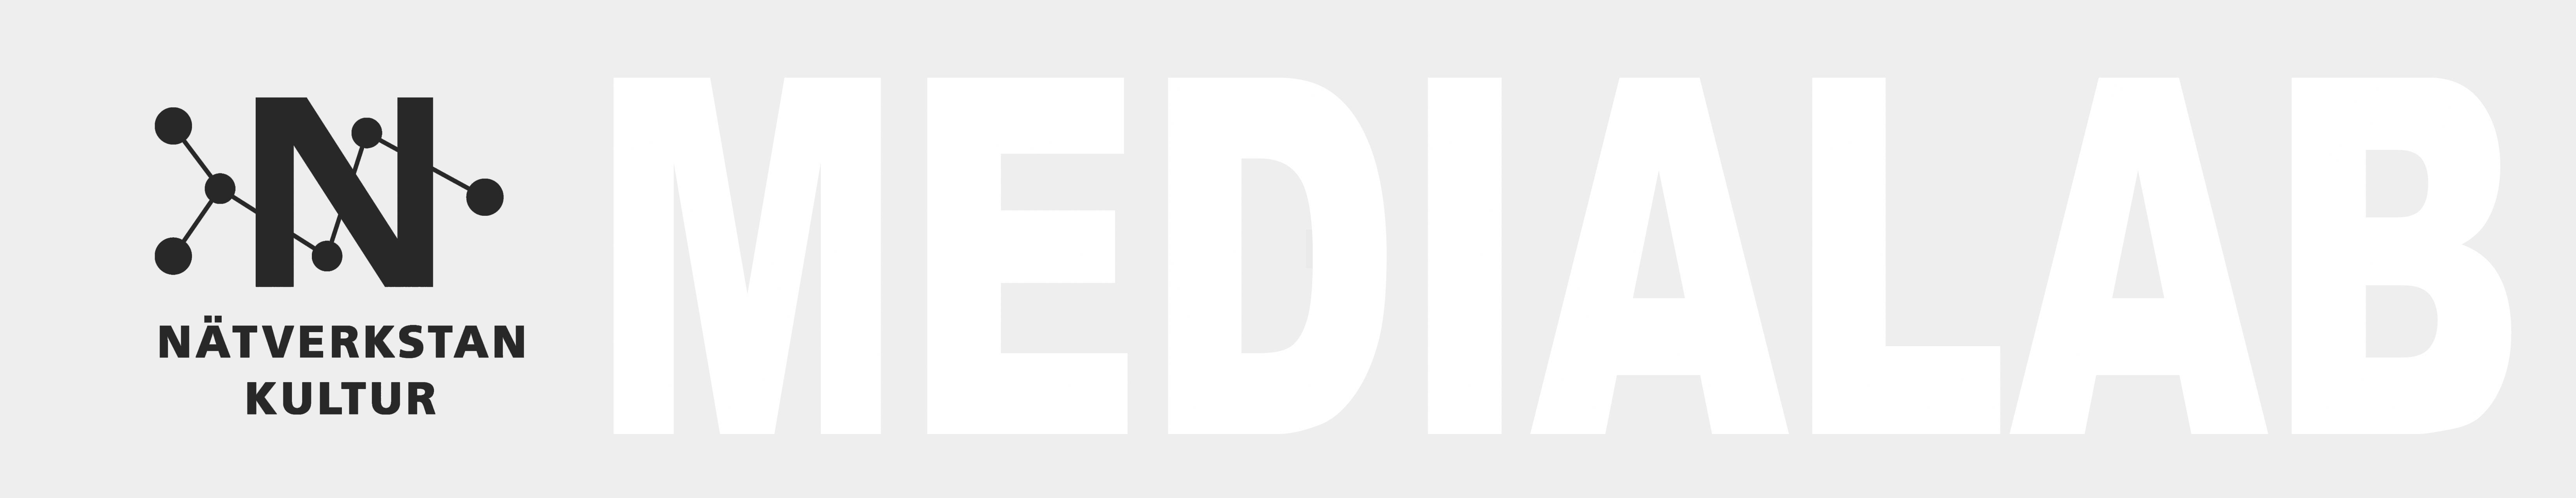 Nätverkstan Medialab